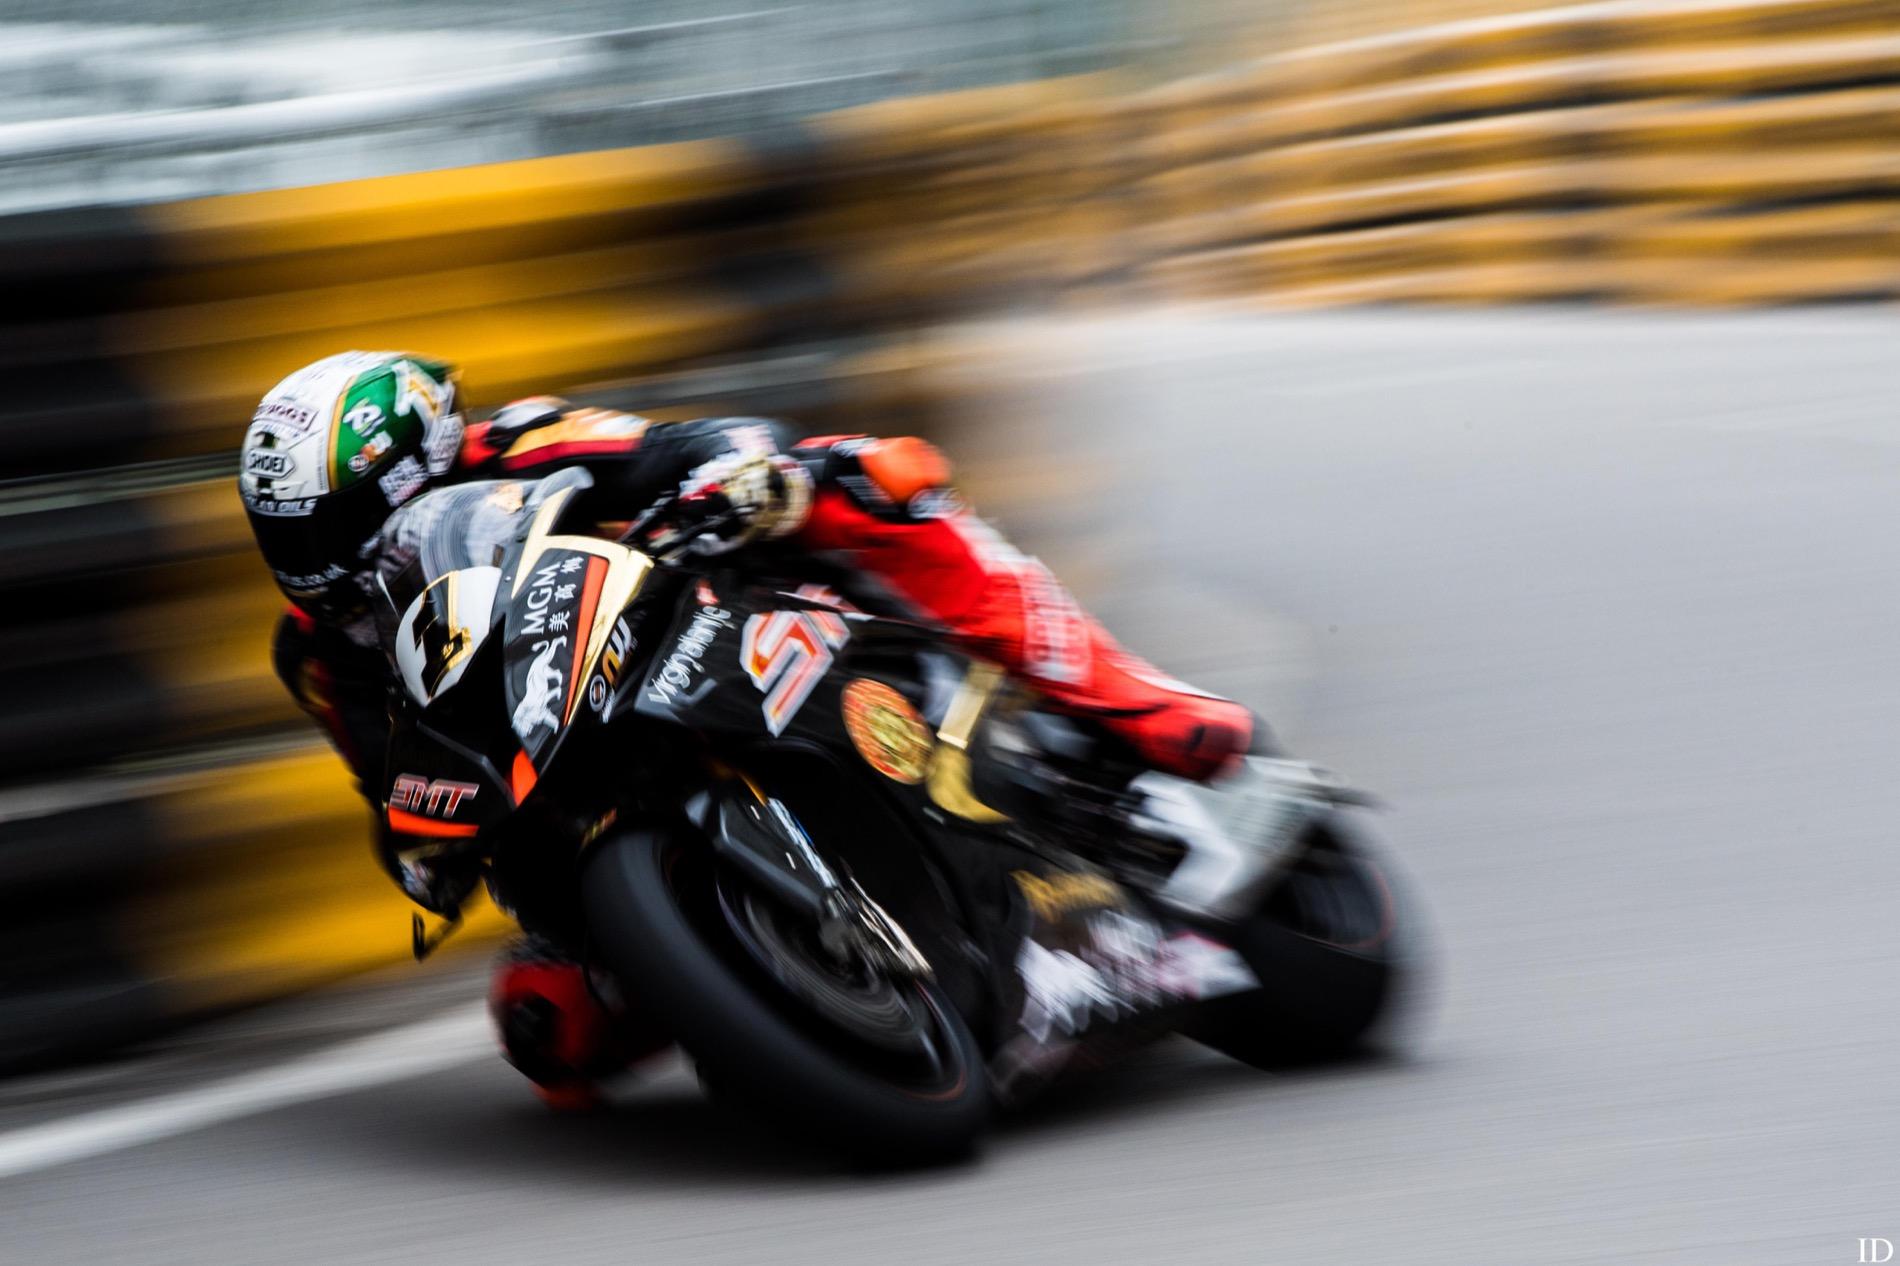 Gran Premio de Macao 2017, en directo [Finalizado]